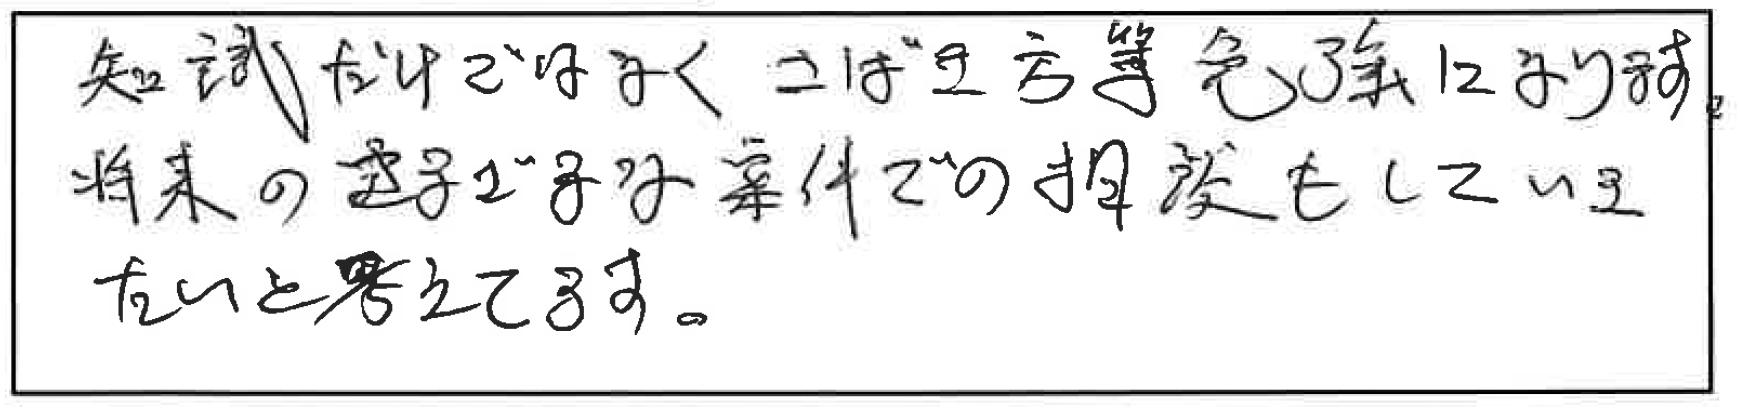 吉澤塾 半年コースの参加者の声画像234